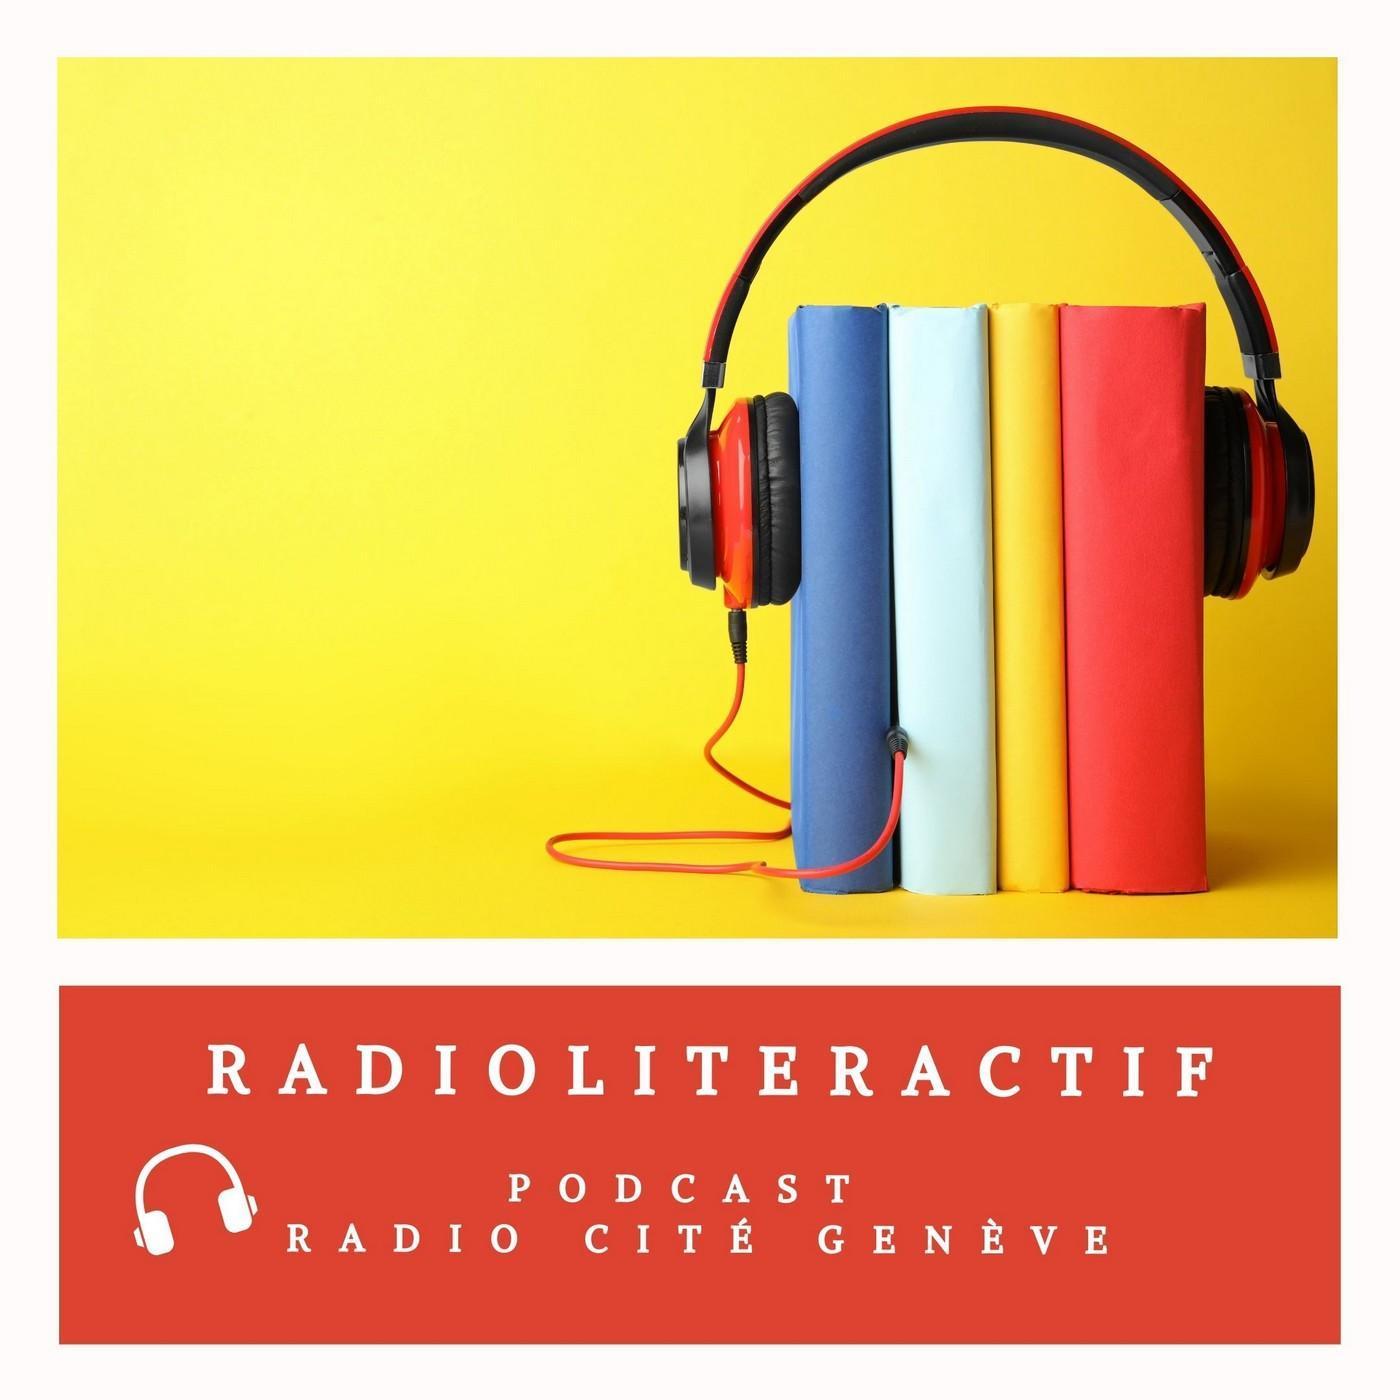 Radioliteractif du 13/09/2021 -  Guy Mettan